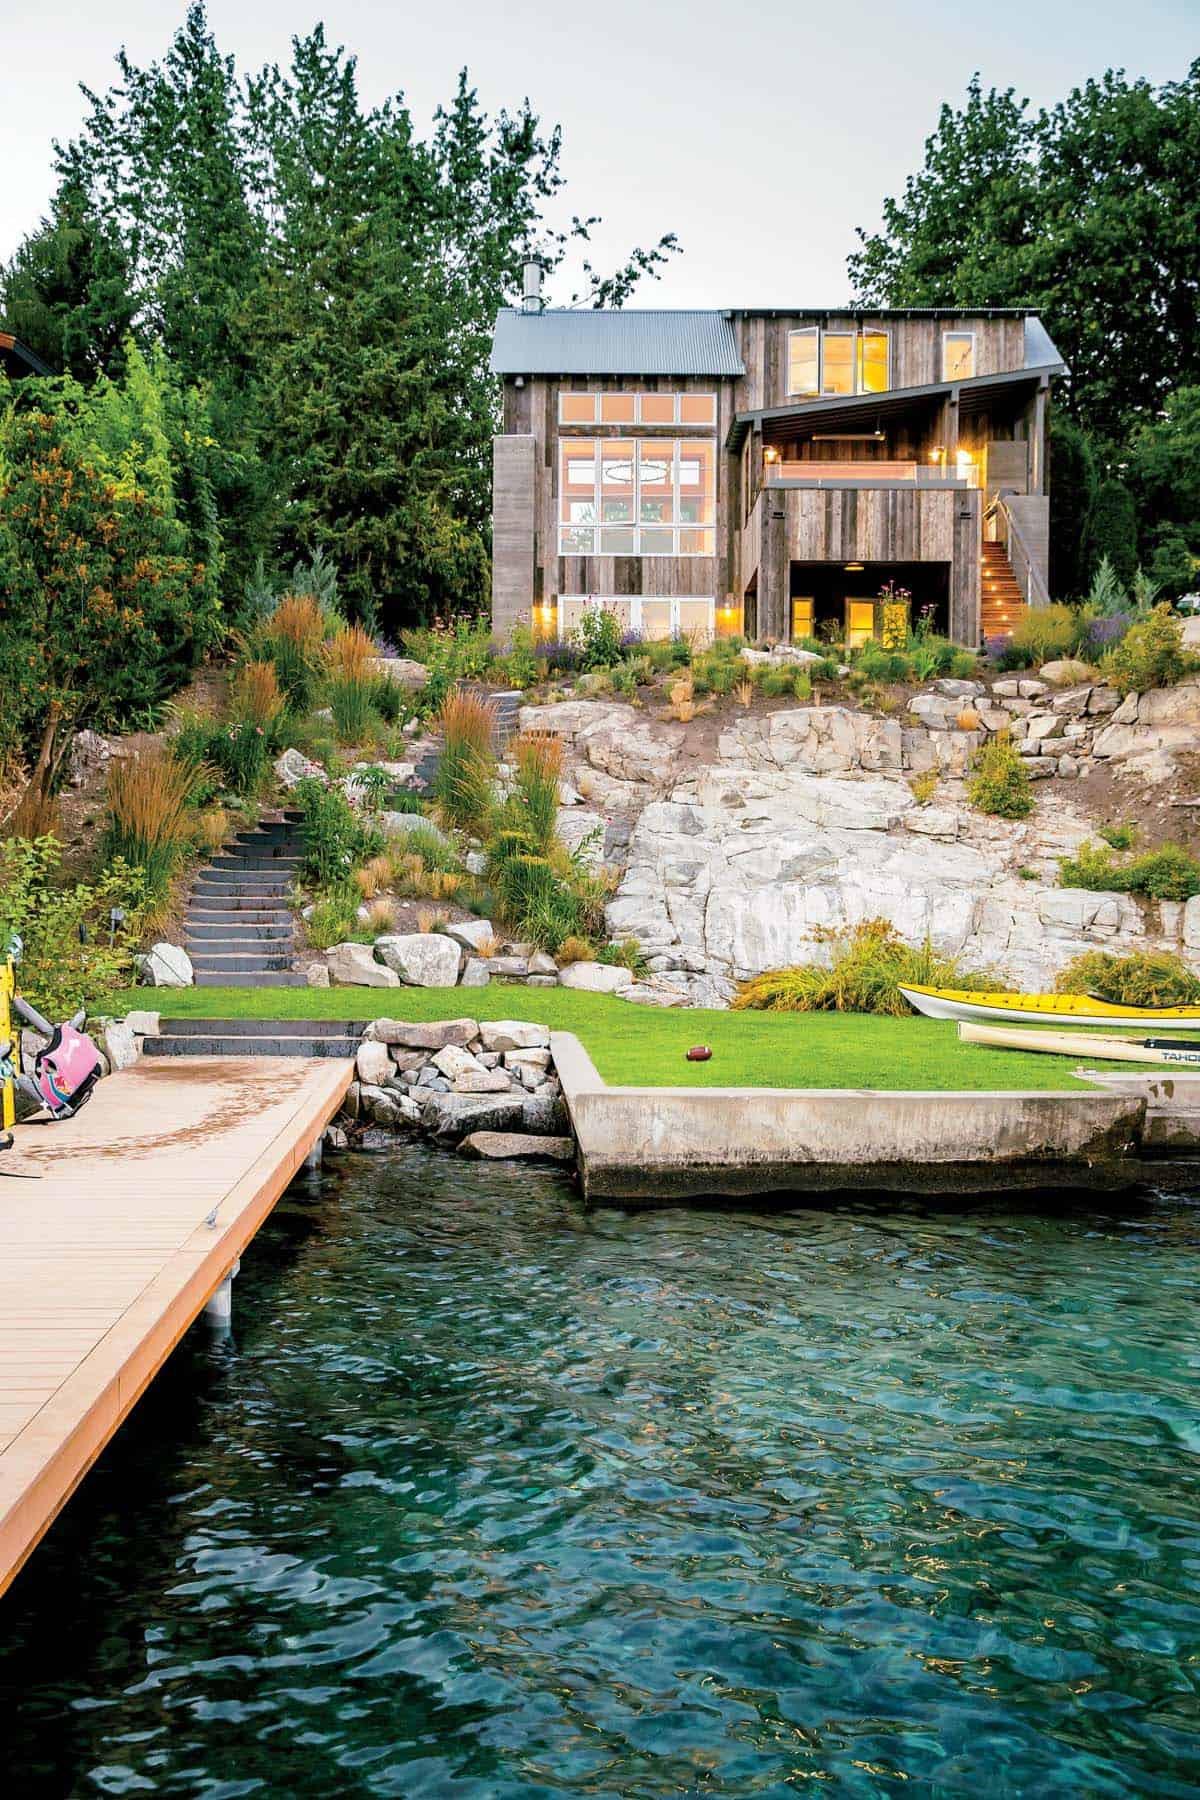 Lake House Hideaway-Bosworth Hoedemaker-10-1 Kindesign